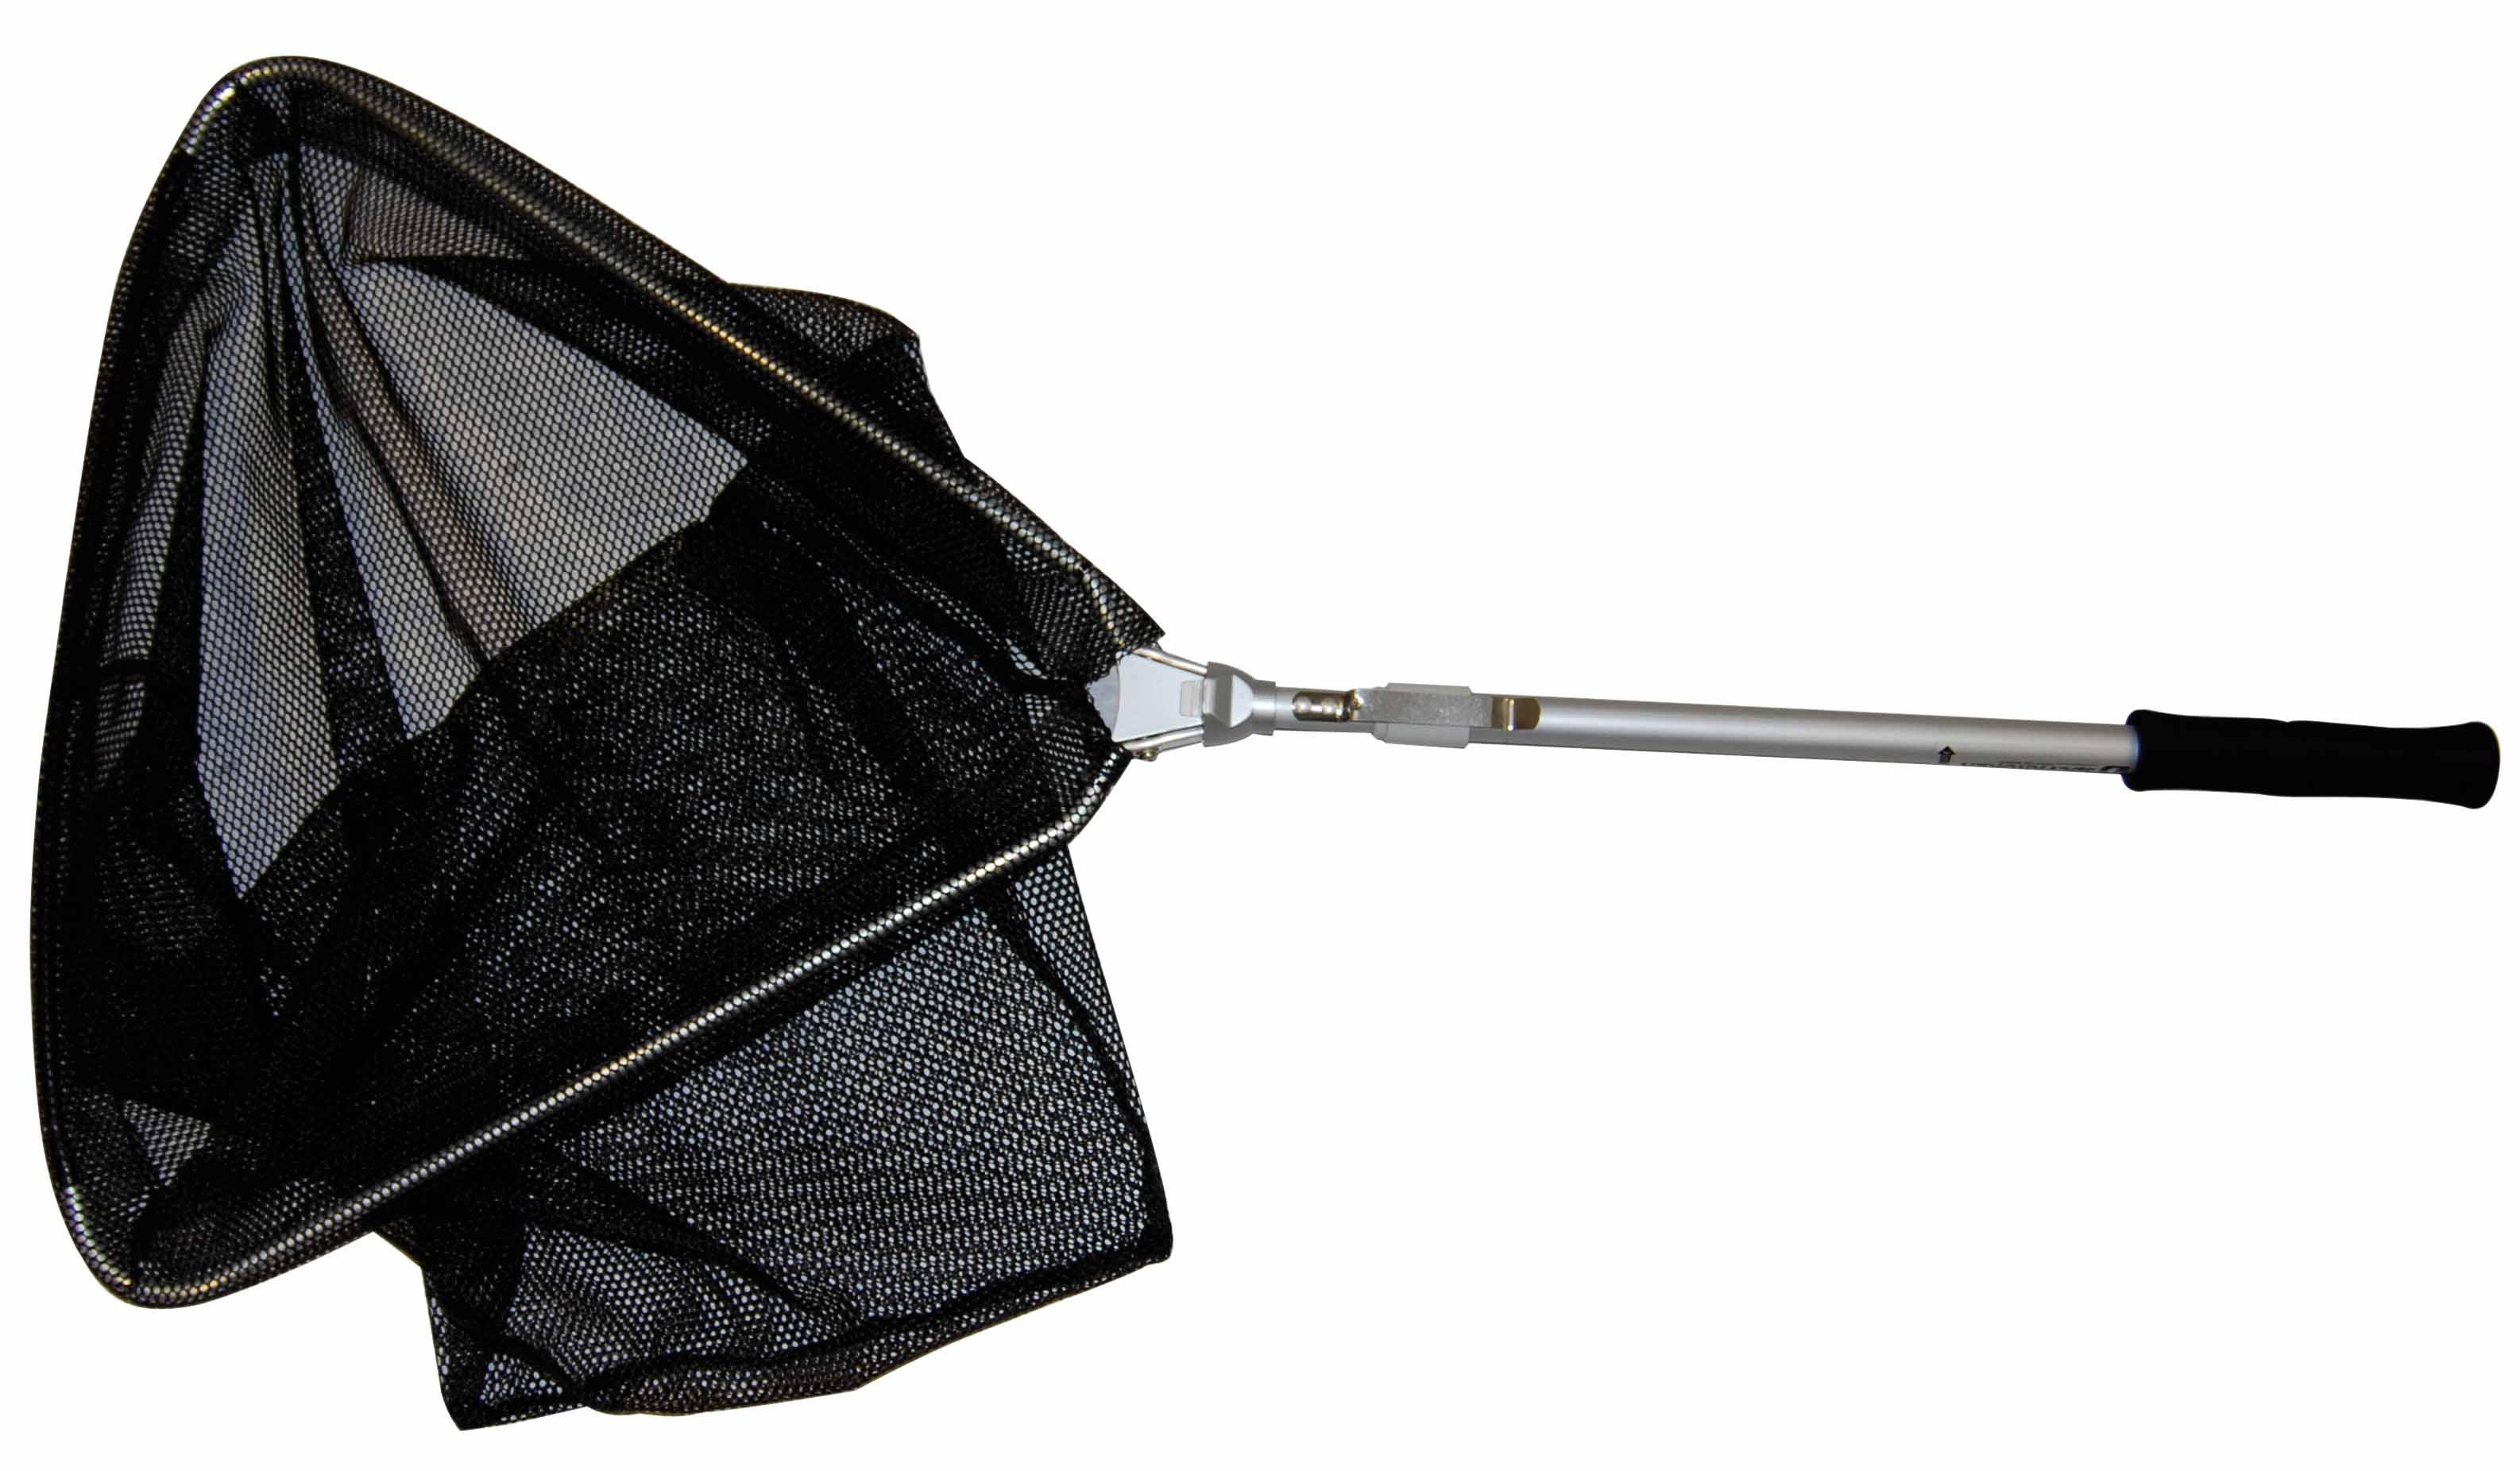 Teleskop kescher kanana m grobmaschiges netz teleskop kescher